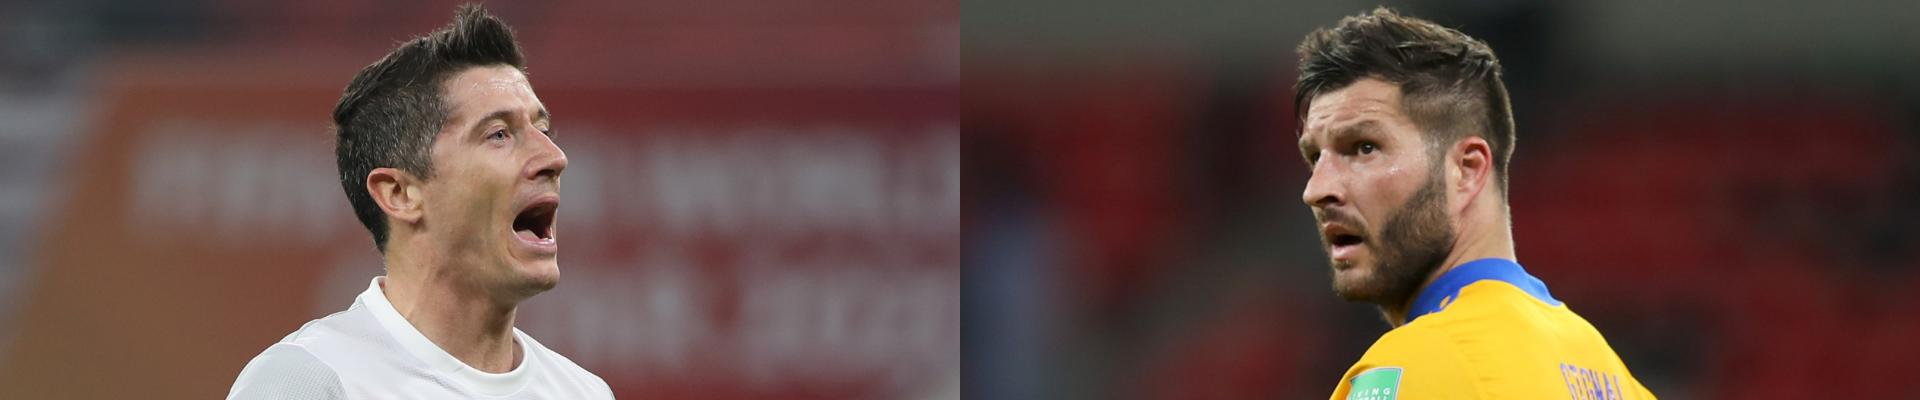 Bayern Monaco-Tigres, Mondiale per club: chi salirà sul tetto del mondo?